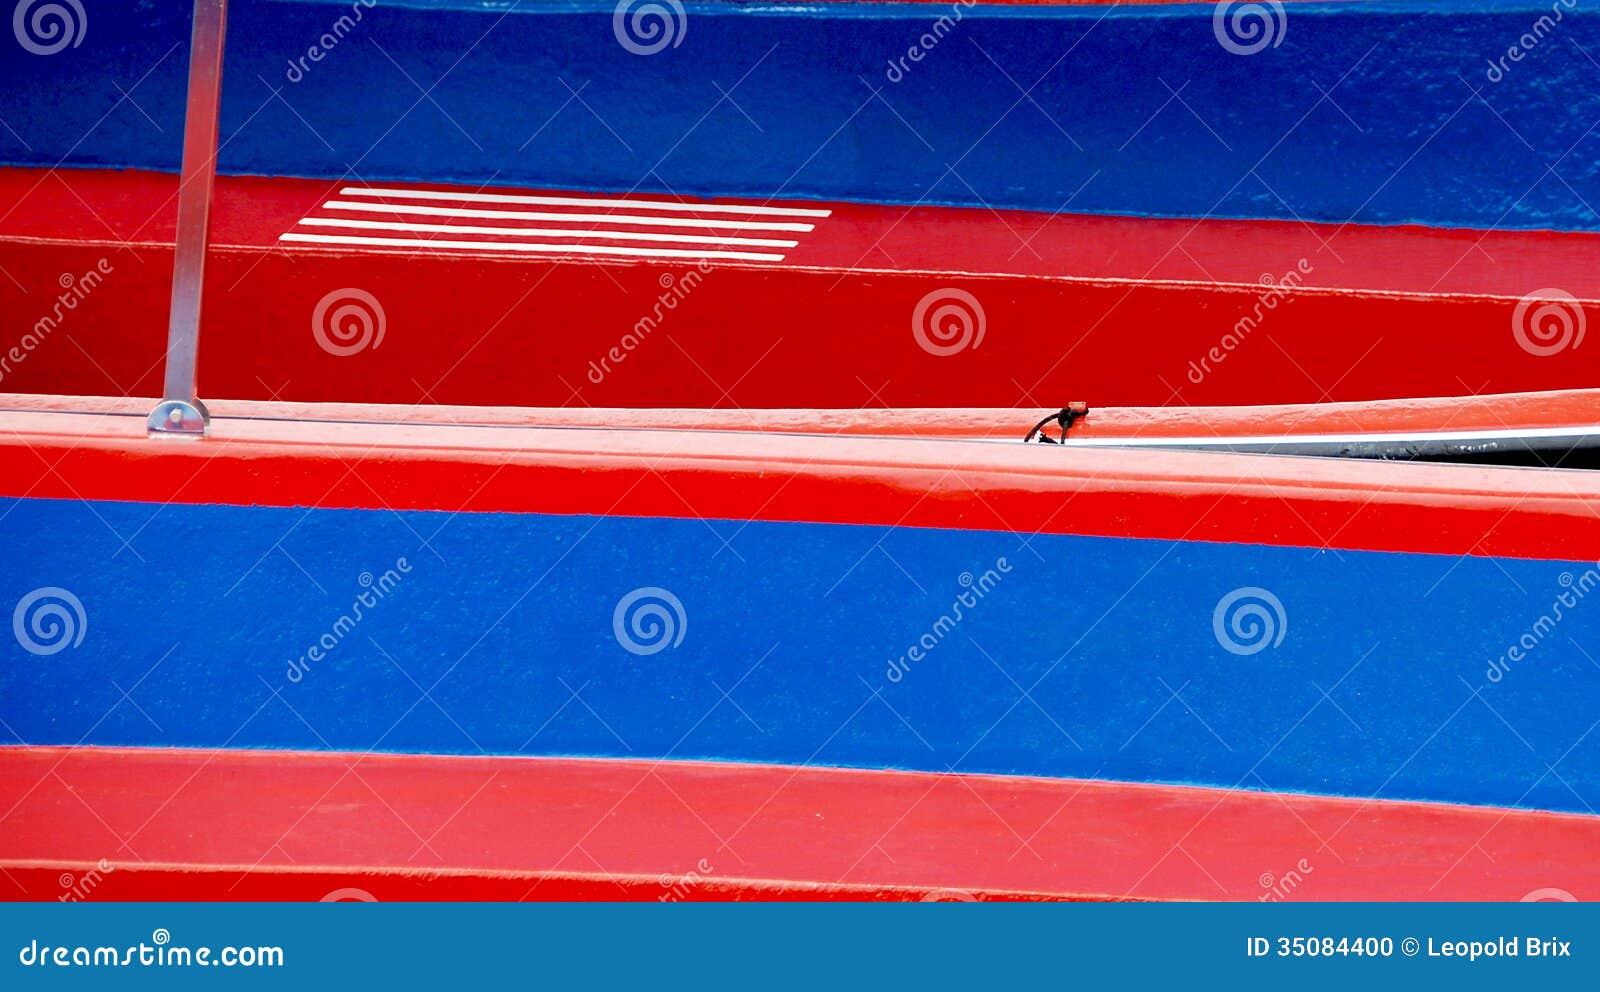 Rojo Y Paredes Pintadas Azul Del Tablero Foto De Archivo Imagen De - Paredes-pintadas-de-azul